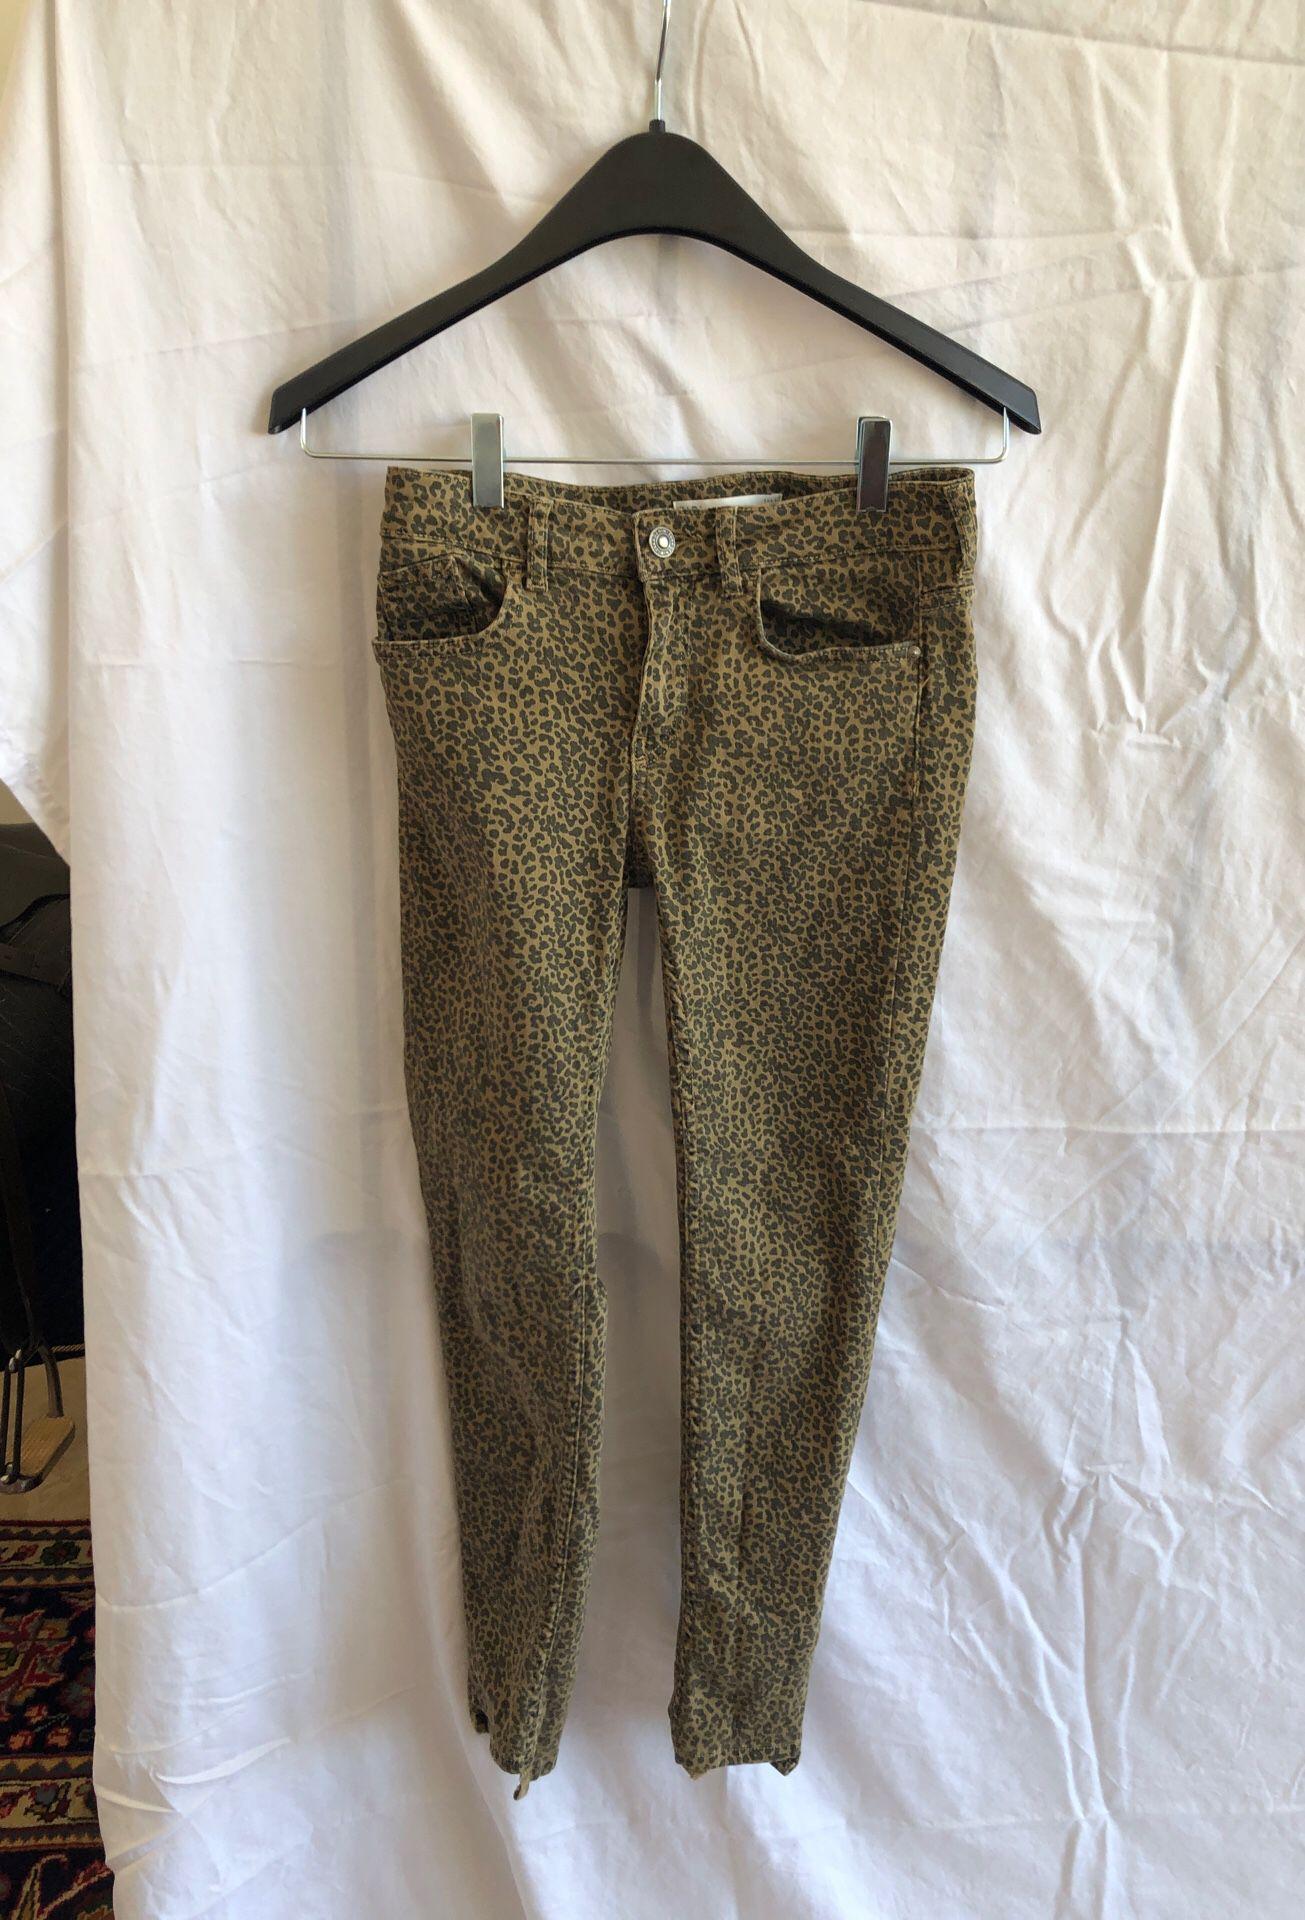 Lot of 5 Zara Denim Jeans. 4 size 34, 1 size 32